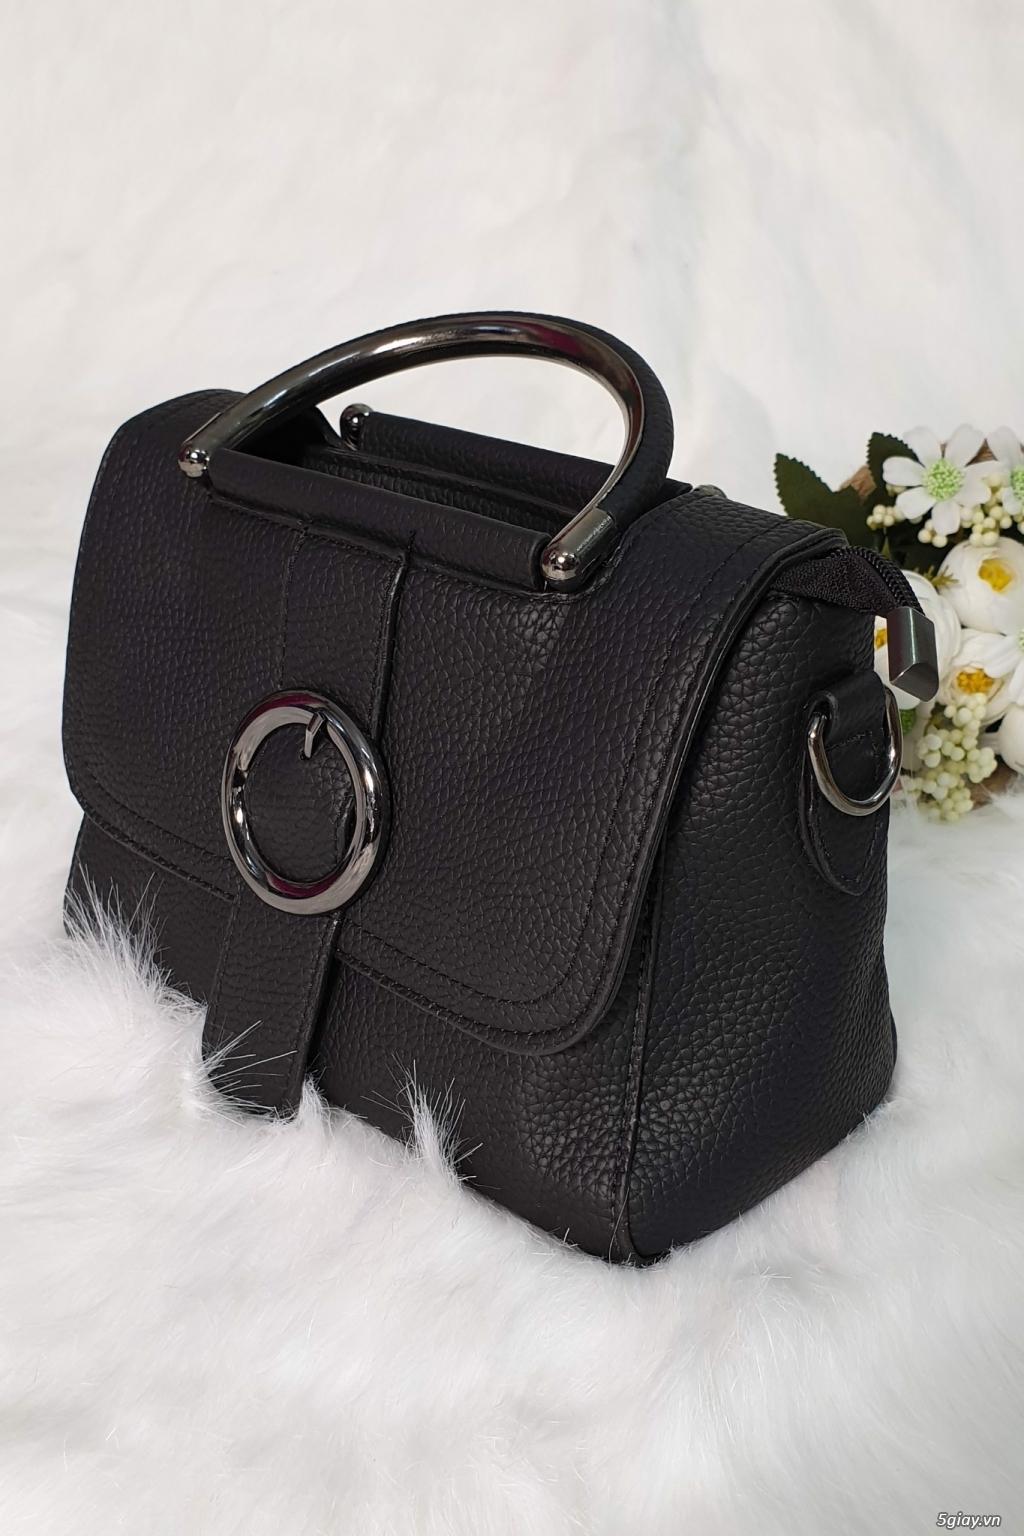 Wal House Fashion - Bóp ví túi xách thời trang - Giá ưu đãi - 13